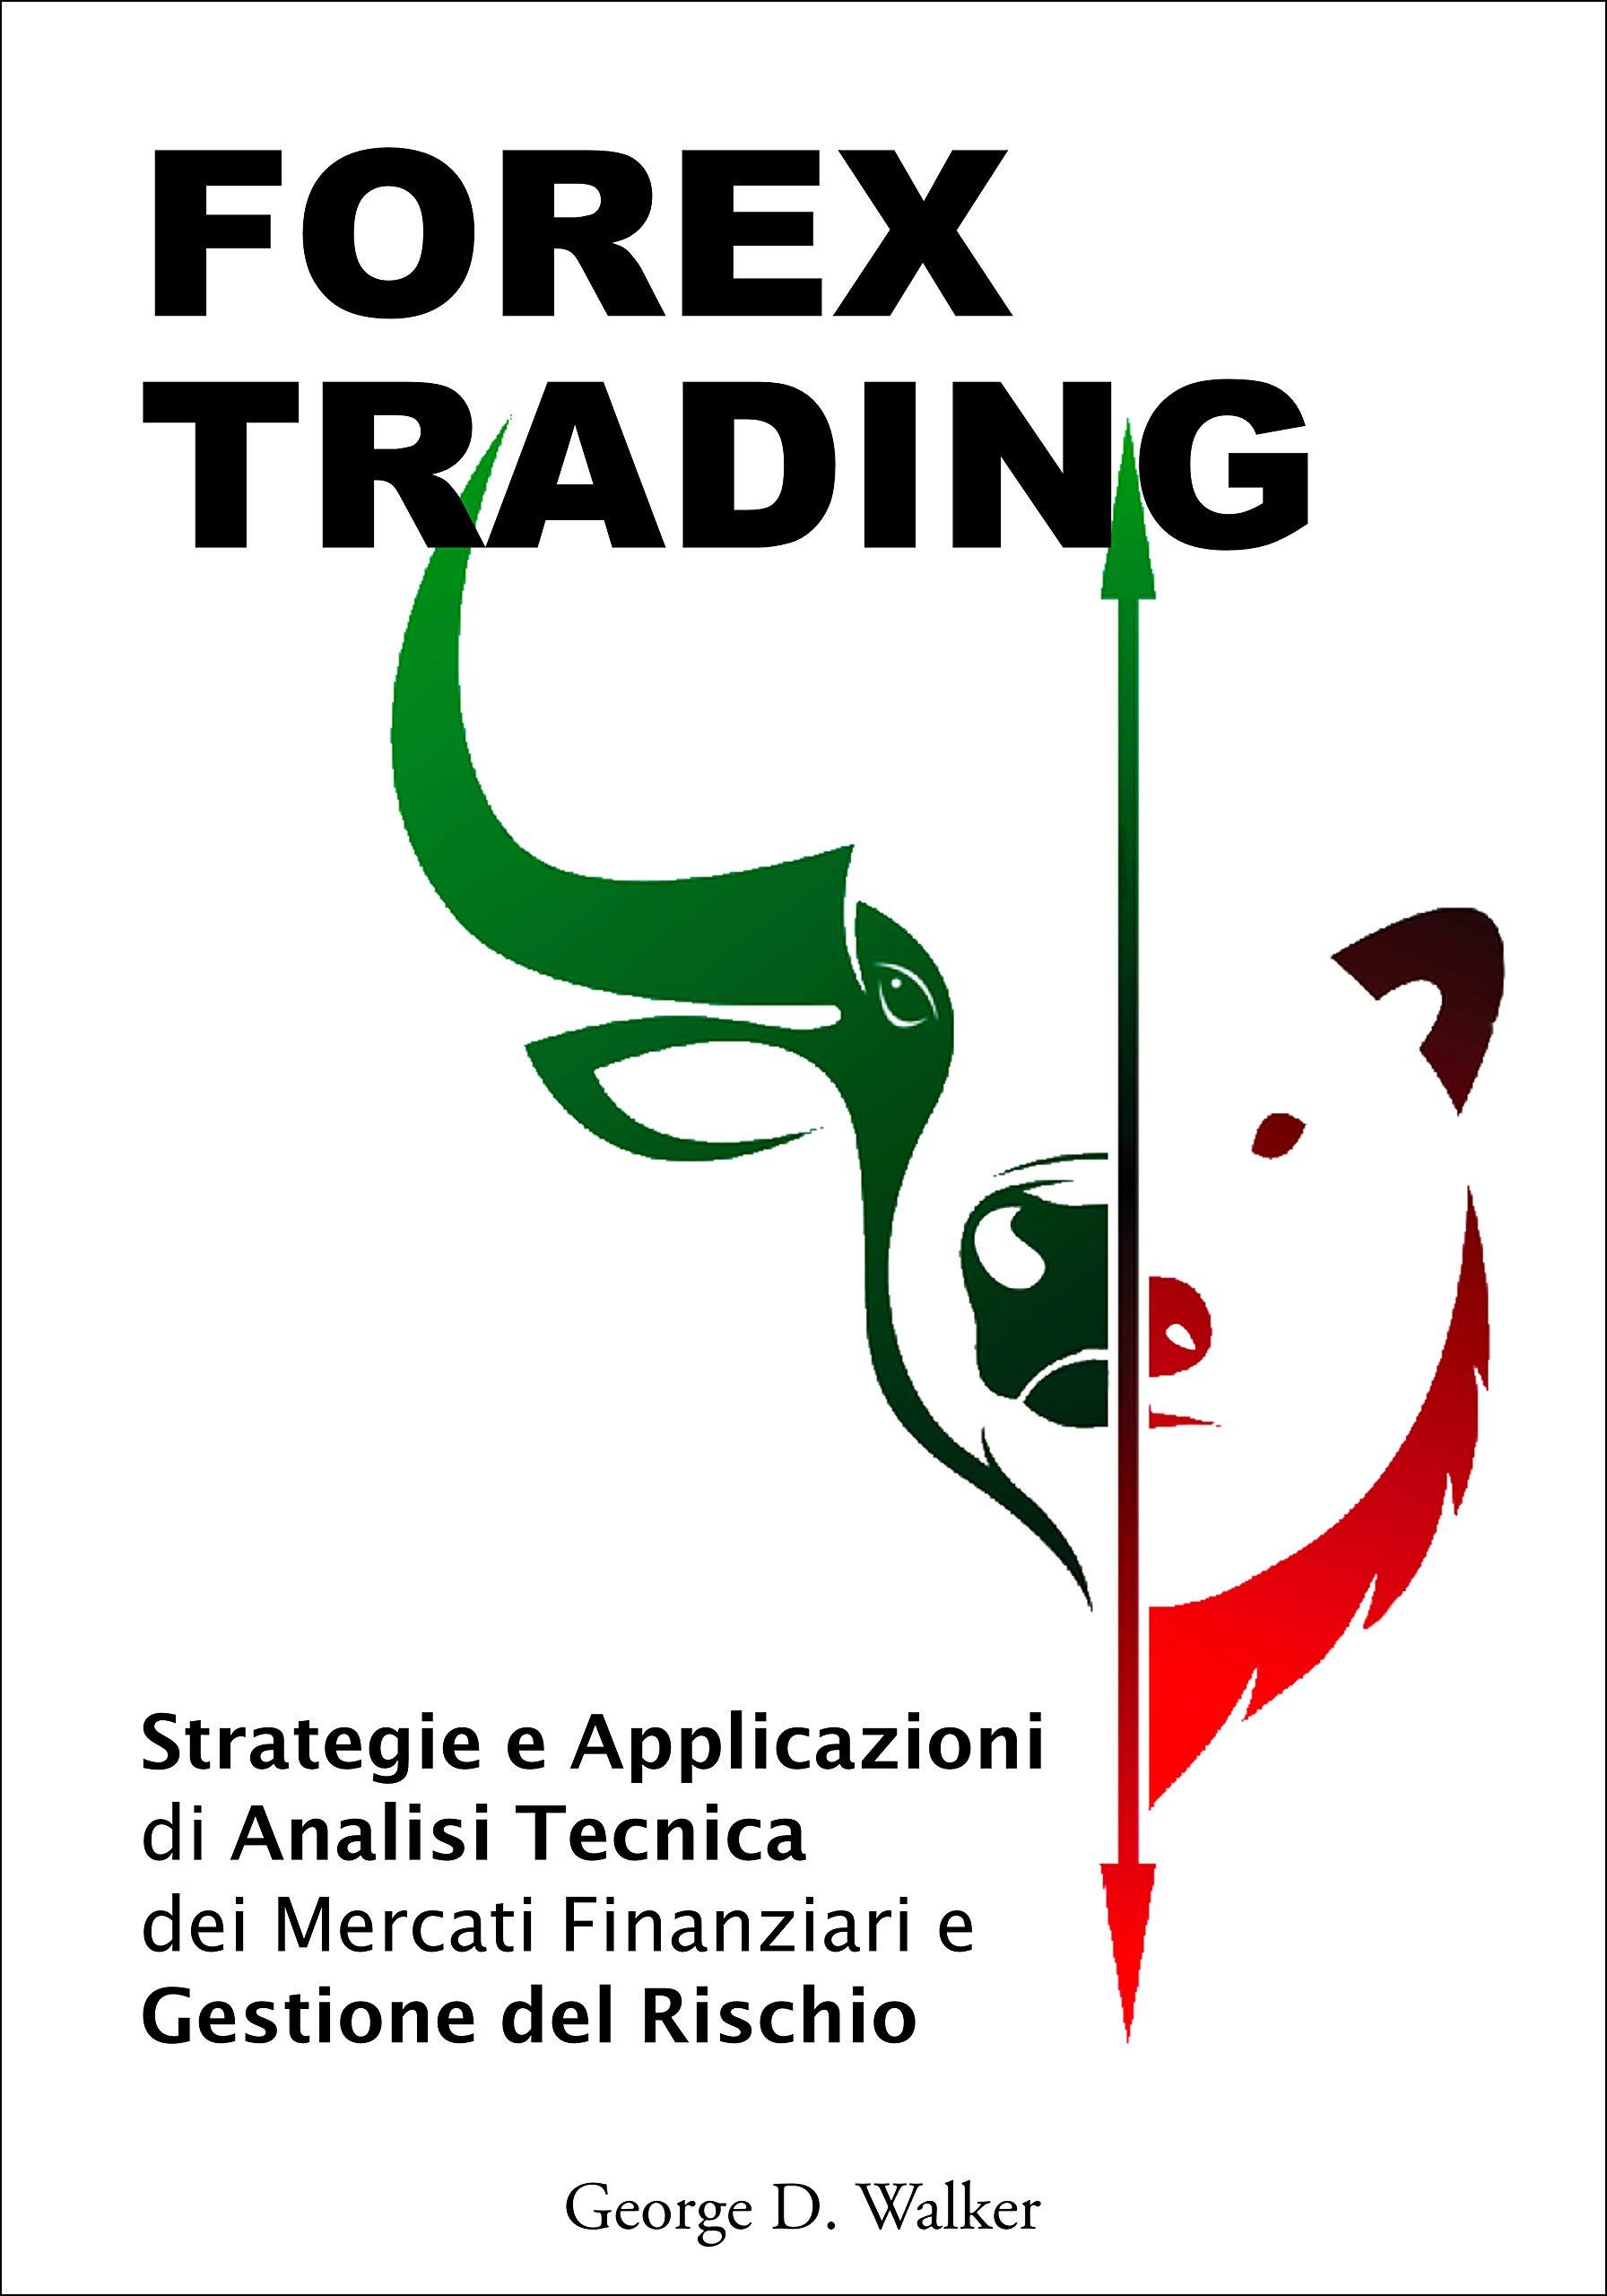 Forex Trading: Strategie e Applicazioni di Analisi Tecnica dei Mercati Finanziari e Gestione del Rischio (Italian Edition)